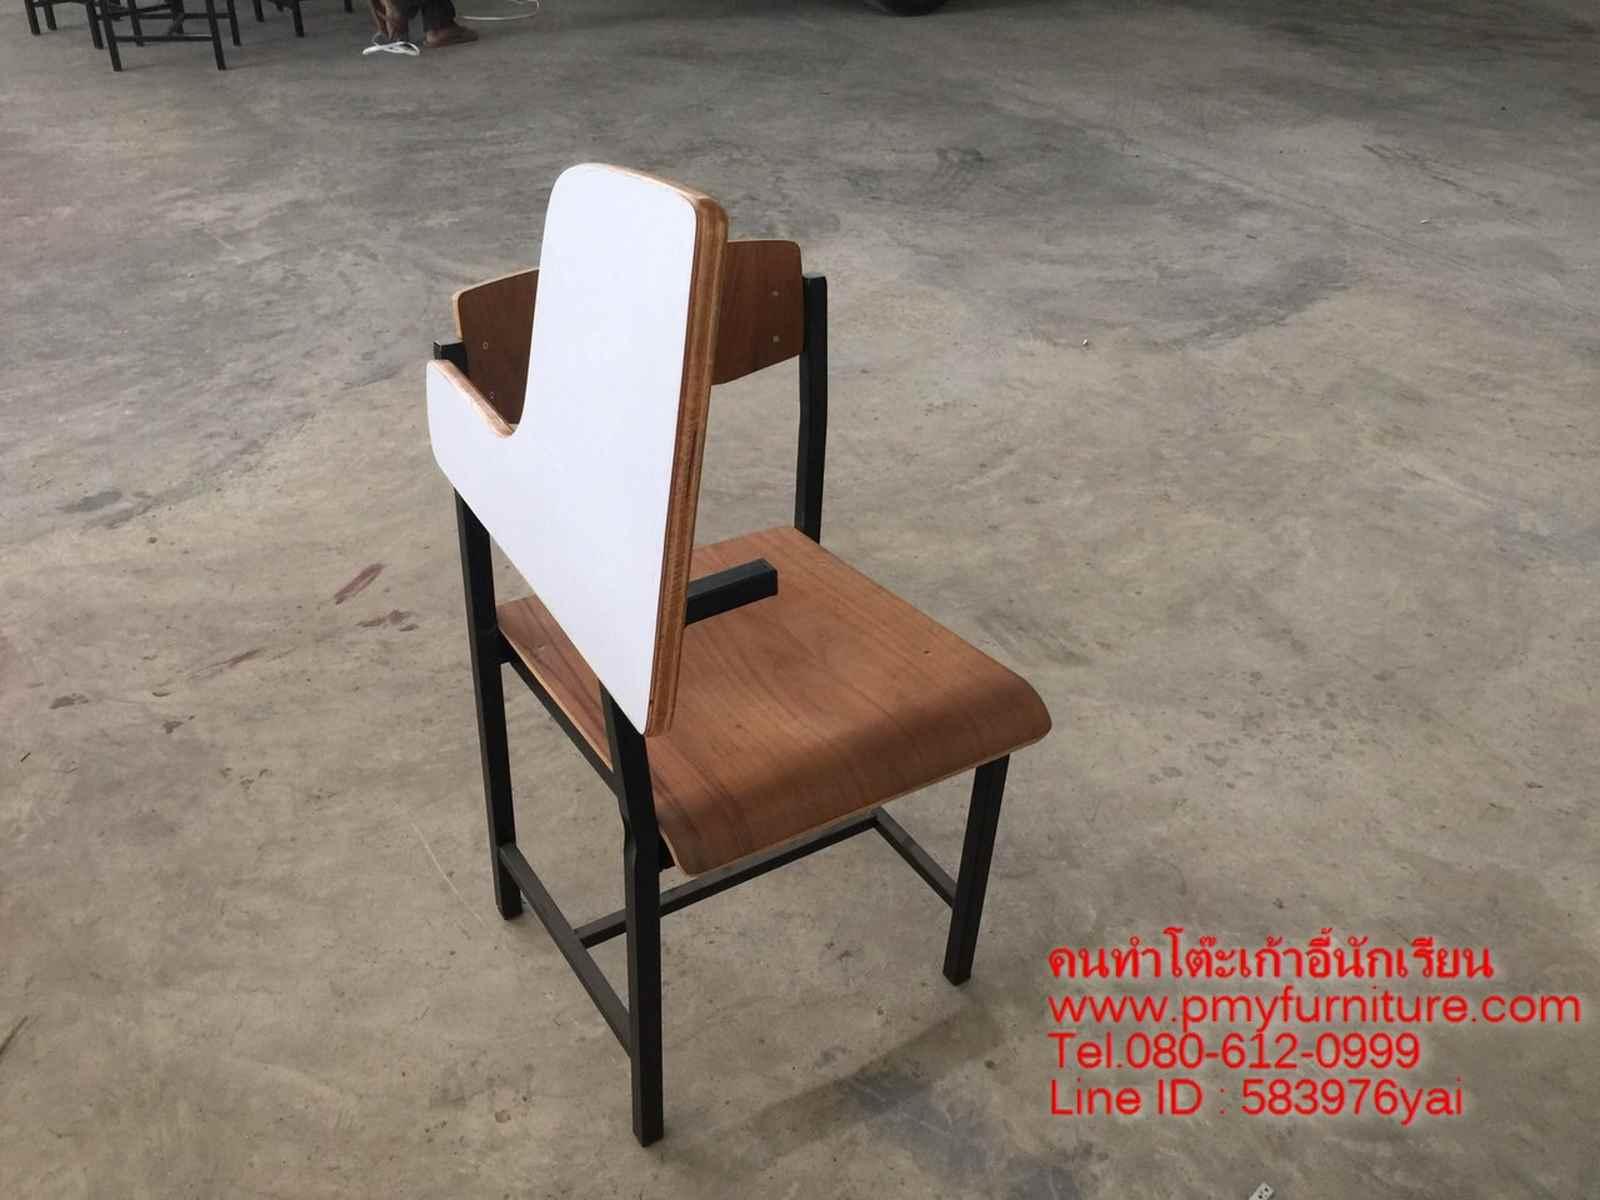 pmy2-27 เก้าอี้เล็คเช่อร์ ก.03 ไม้อัดสักแผ่นเล็คเช่อร์หน้าโฟรเมก้าขาว สามารถพับเปิดปิดได้